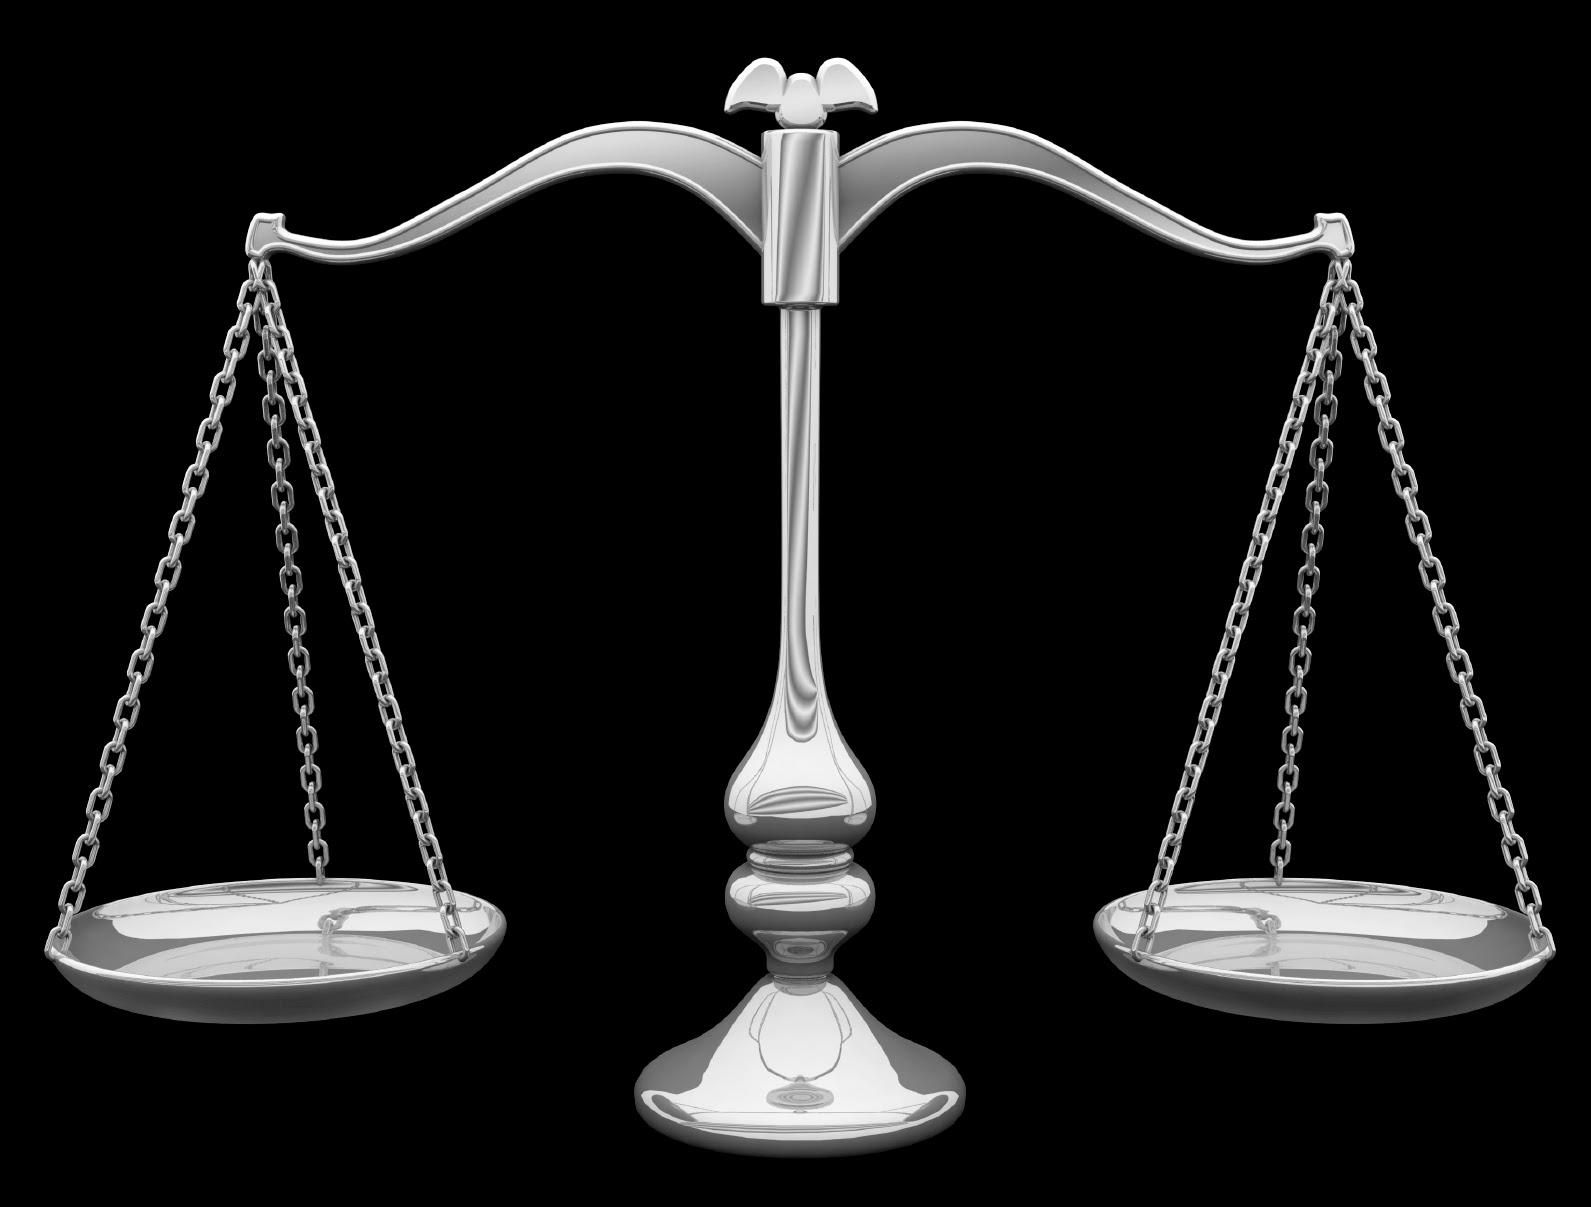 Macam Macam Sita Dalam Hukum Perdata Beranda Hukum